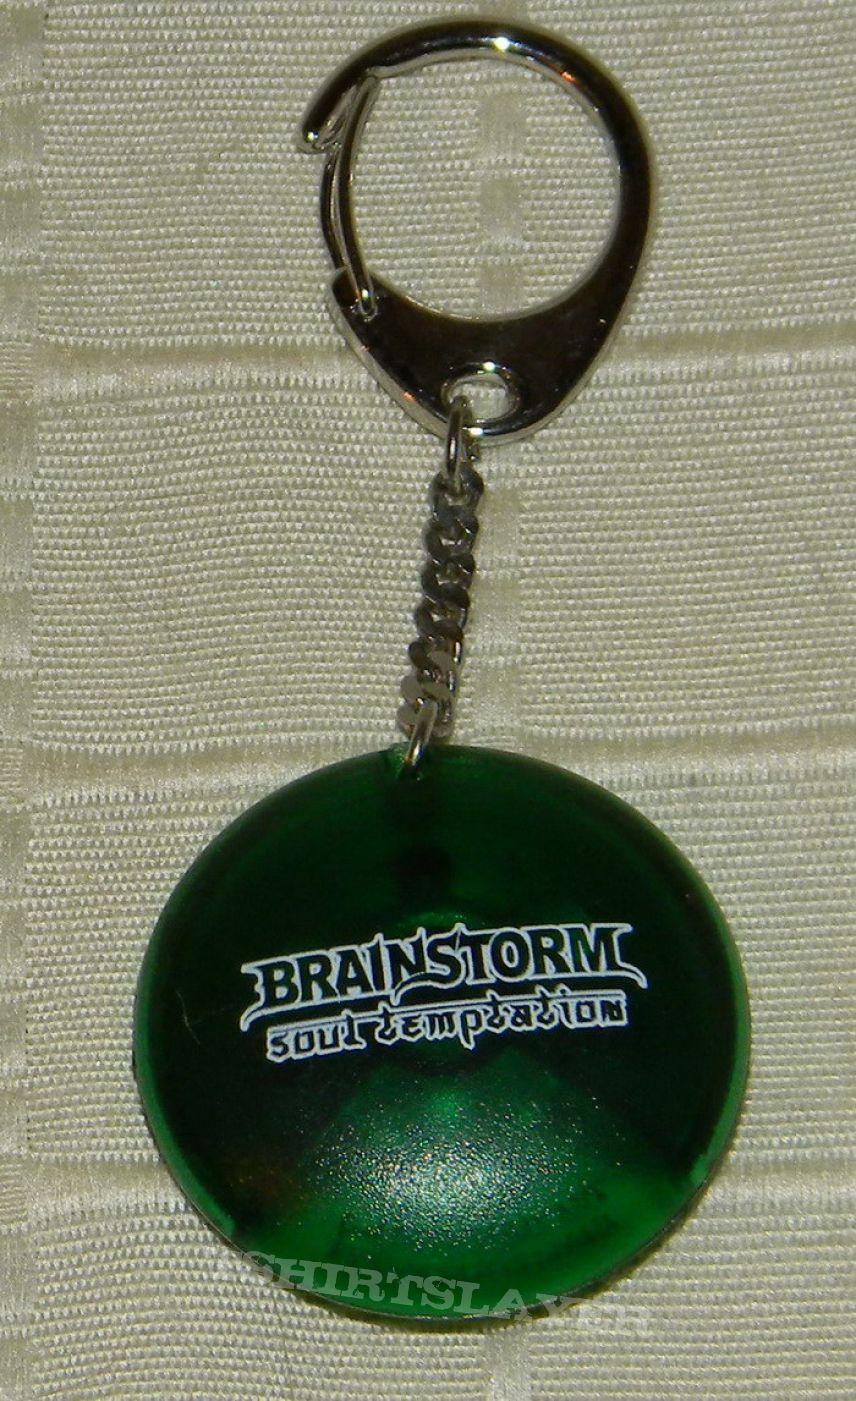 Brainstorm - Soul temptation - Bottle opener - (Promo-Gimmick)